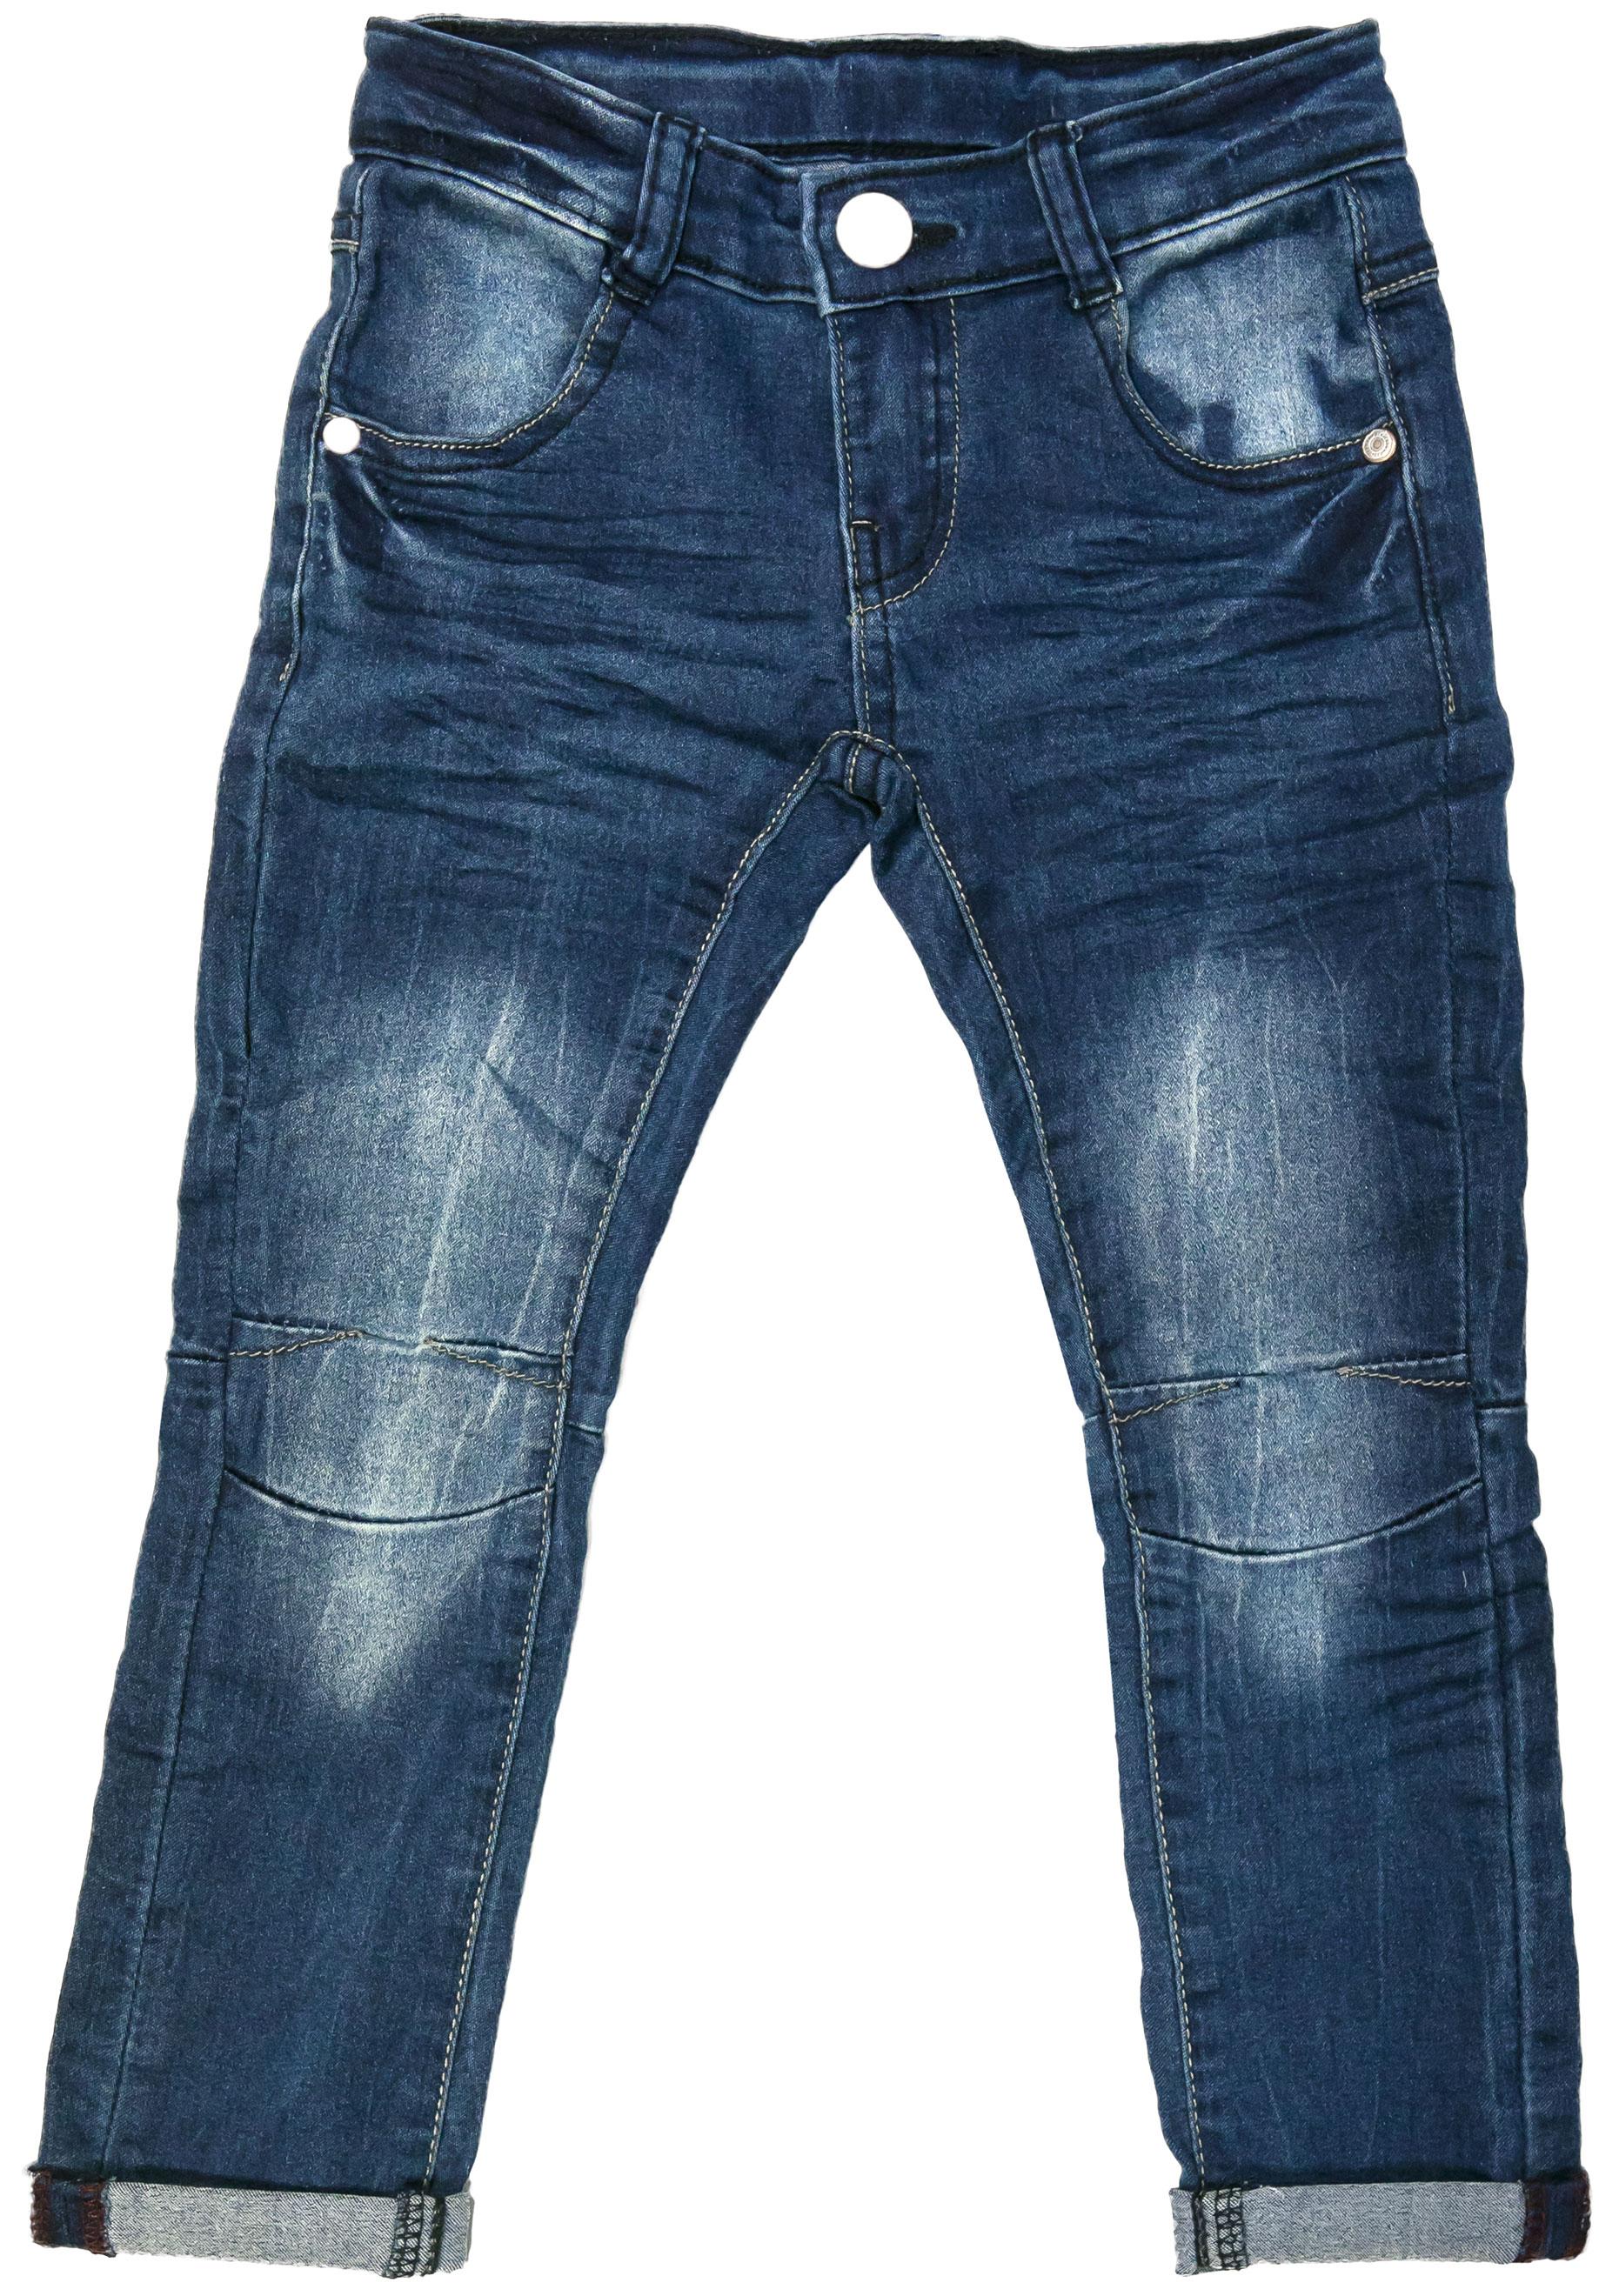 Брюки для мальчика Barkito Джинсы Деним синие джинсы barkito джинсы для мальчика barkito строитель синие